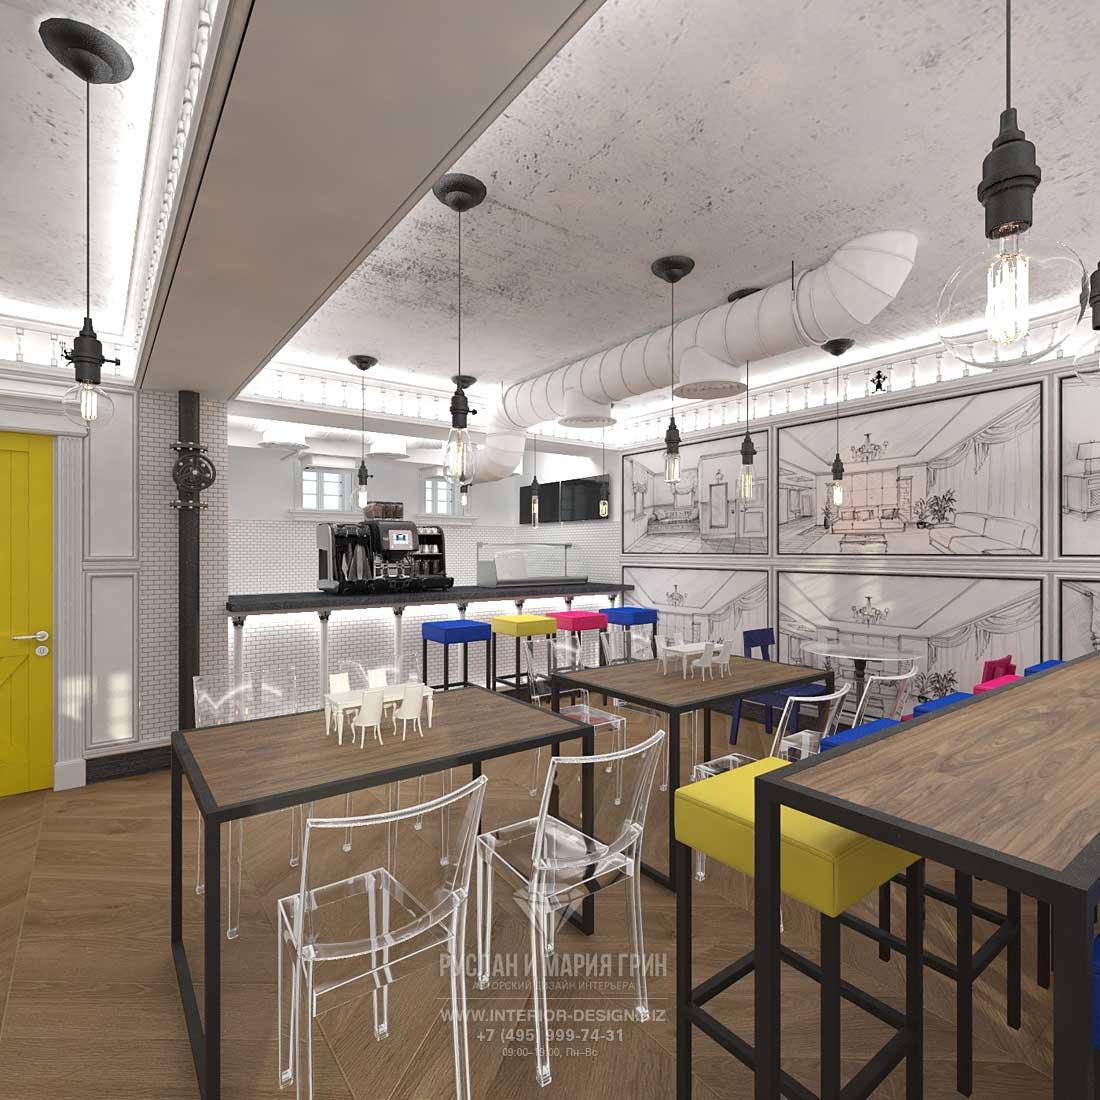 Дизайн интерьера бара «Киану» в Москве на Патриарших